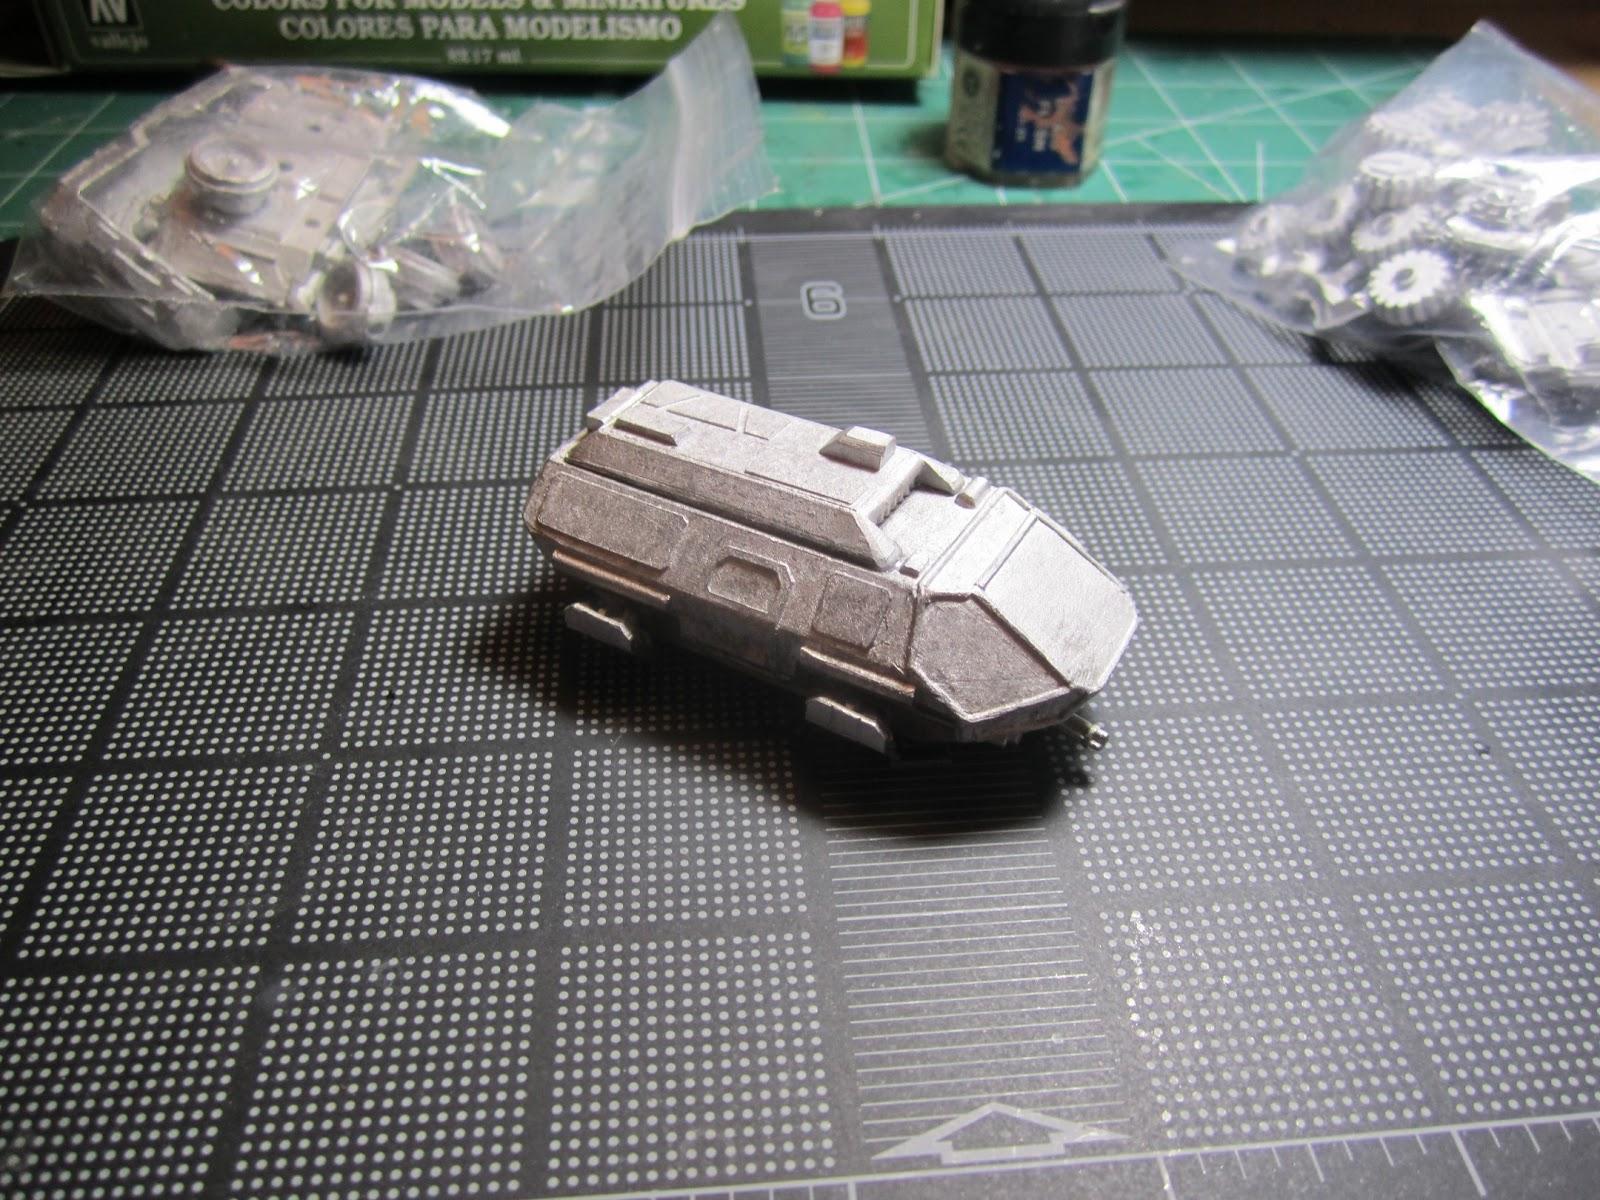 ClearHorizon 15mm Scale Miniatures Blog GZG Grav Van